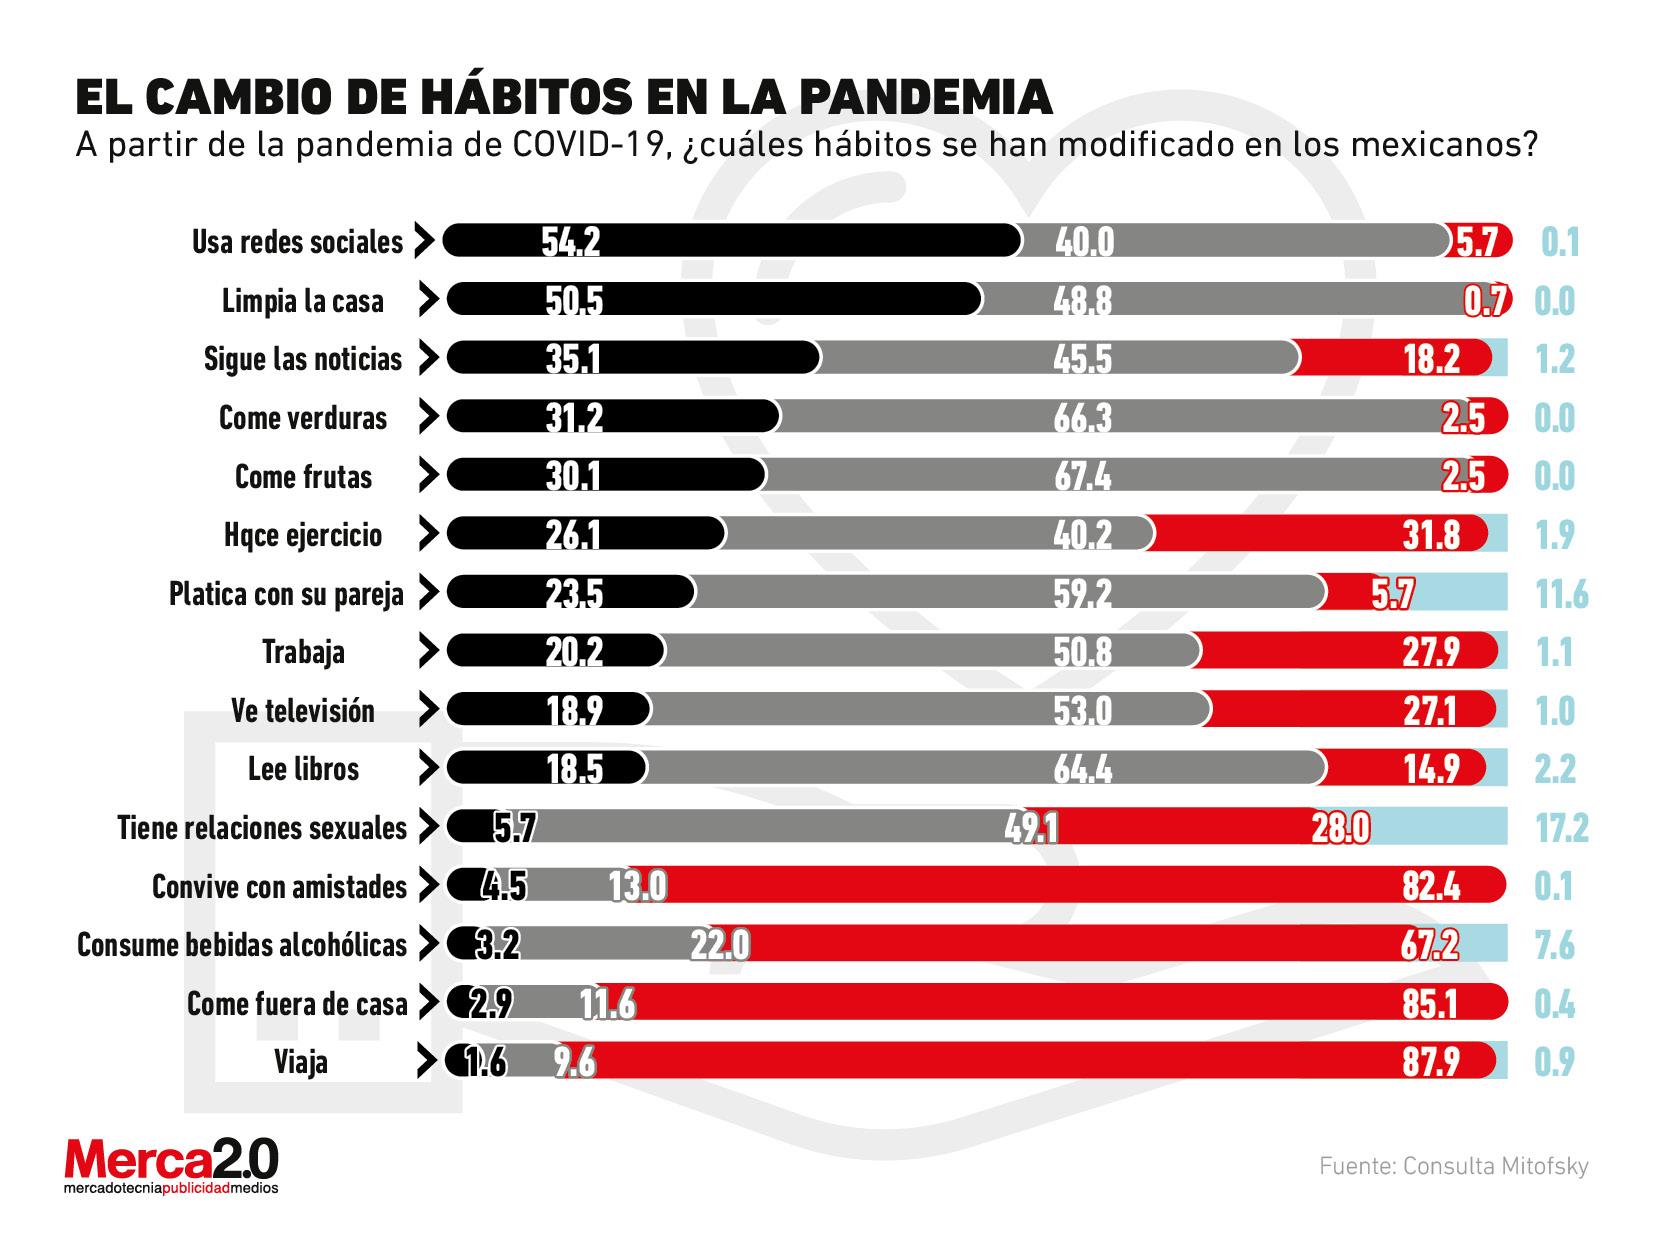 Así se han modificado algunos hábitos del consumidor mexicano en la pandemia